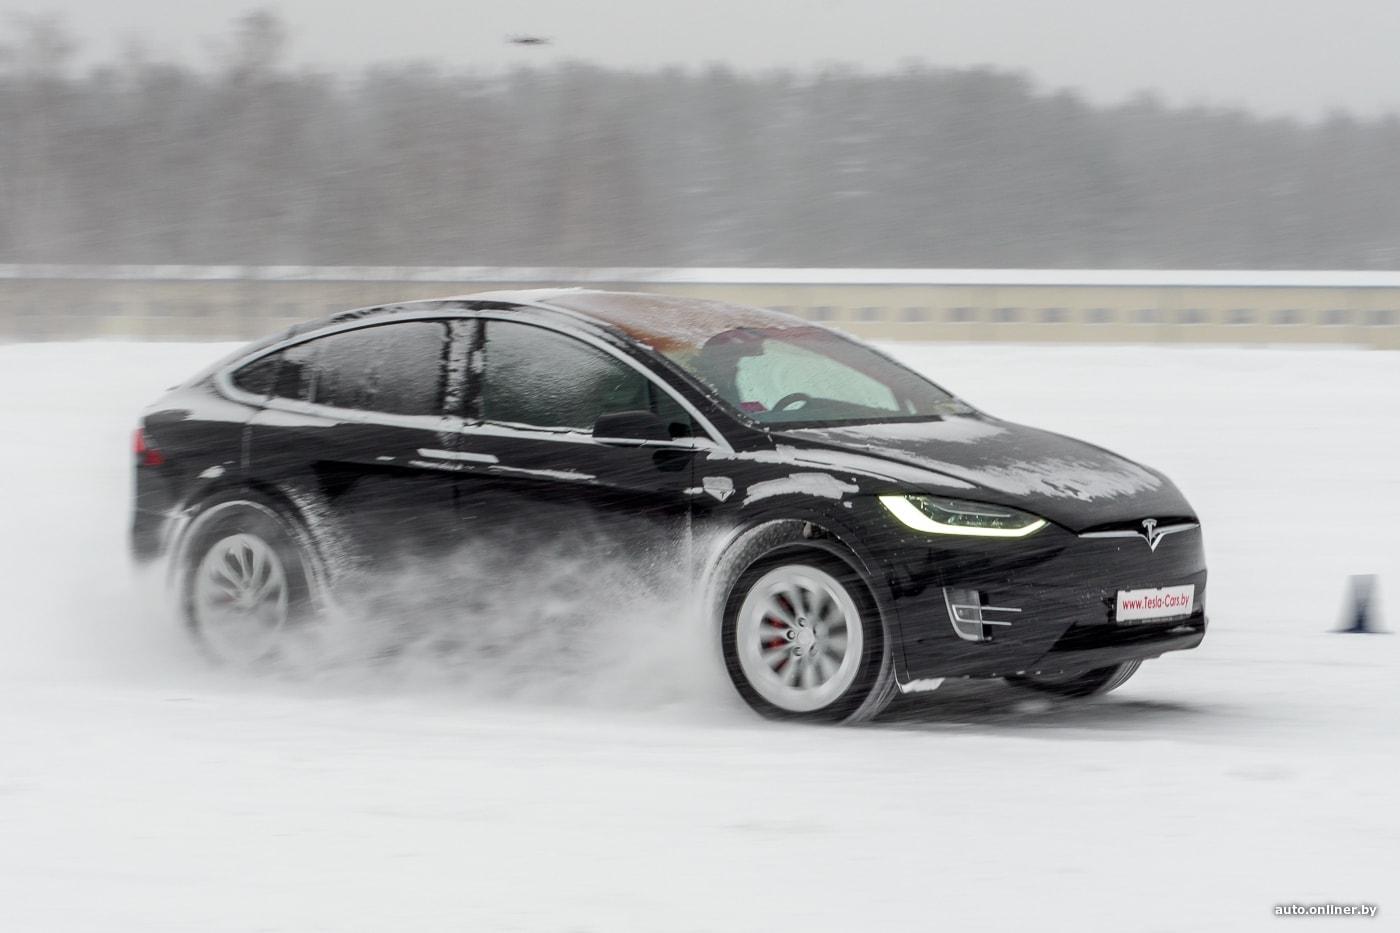 автомобиль тесла аккумуляторы мороз зима